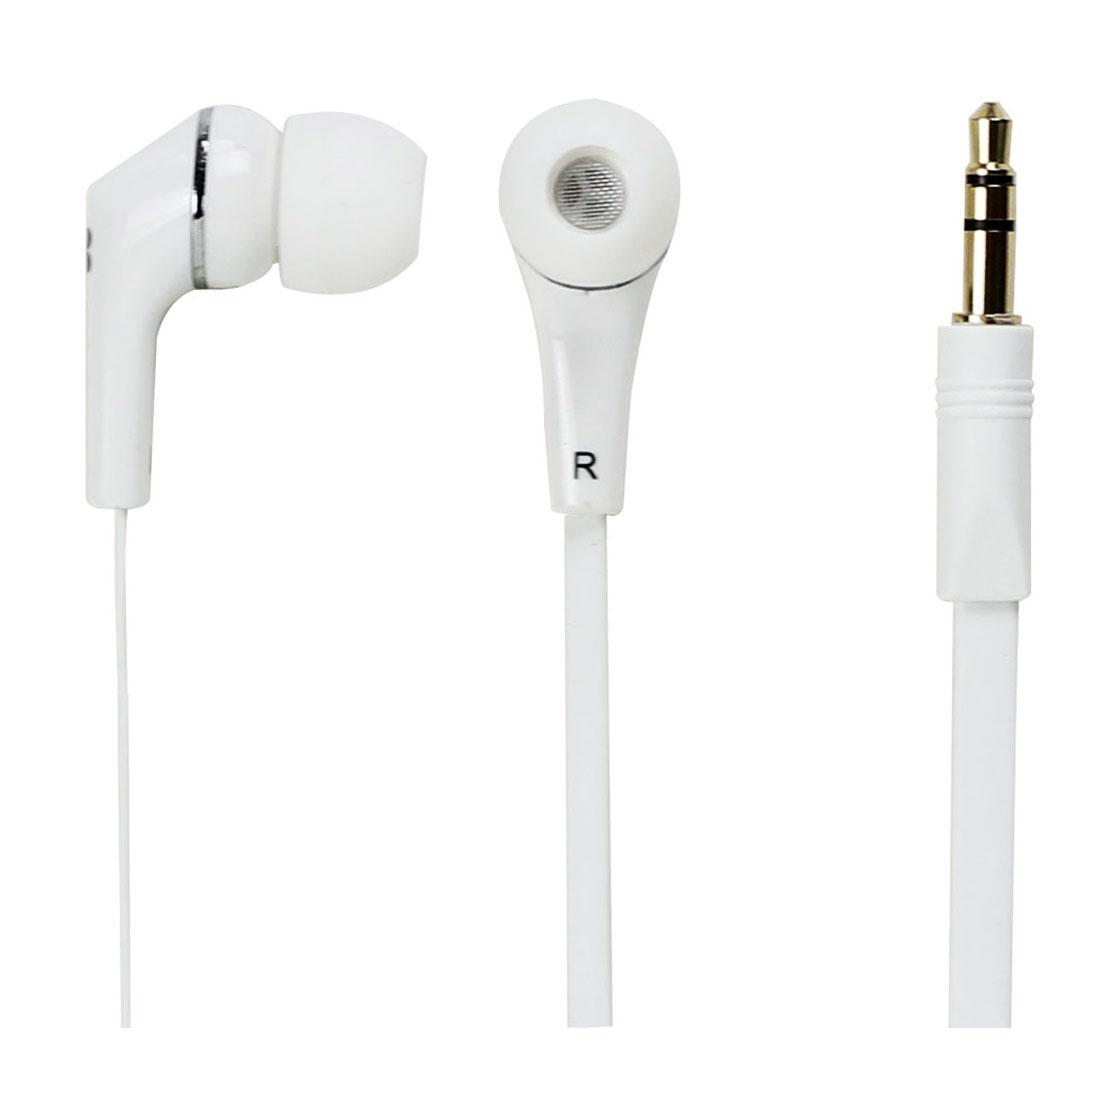 Promate earMate.uni1, White наушники00007770EarMate.Uni1 – прекрасные наушники для телефона и планшета, которые без проблем обеспечат качественную музыку для Ваших ушей. Не можете прожить ни минуты без любимых песен? И не надо! Ведь такая гарнитура позволяет наслаждаться любимой музыкой сколько угодно. Повышенная шумоизоляция и удобное крепление гарнитуры в ухе обеспечивает звук наивысшего качества. EarMate.Uni1 – наушники проводные, которые отличаются привлекательным и в то же время простым дизайном, что обязательно оценят поклонники минимализма. С такой гарнитурой Вы можете без проблем окружить себя музыкой, которую действительно любите! А с музыкой и жить приятнее.